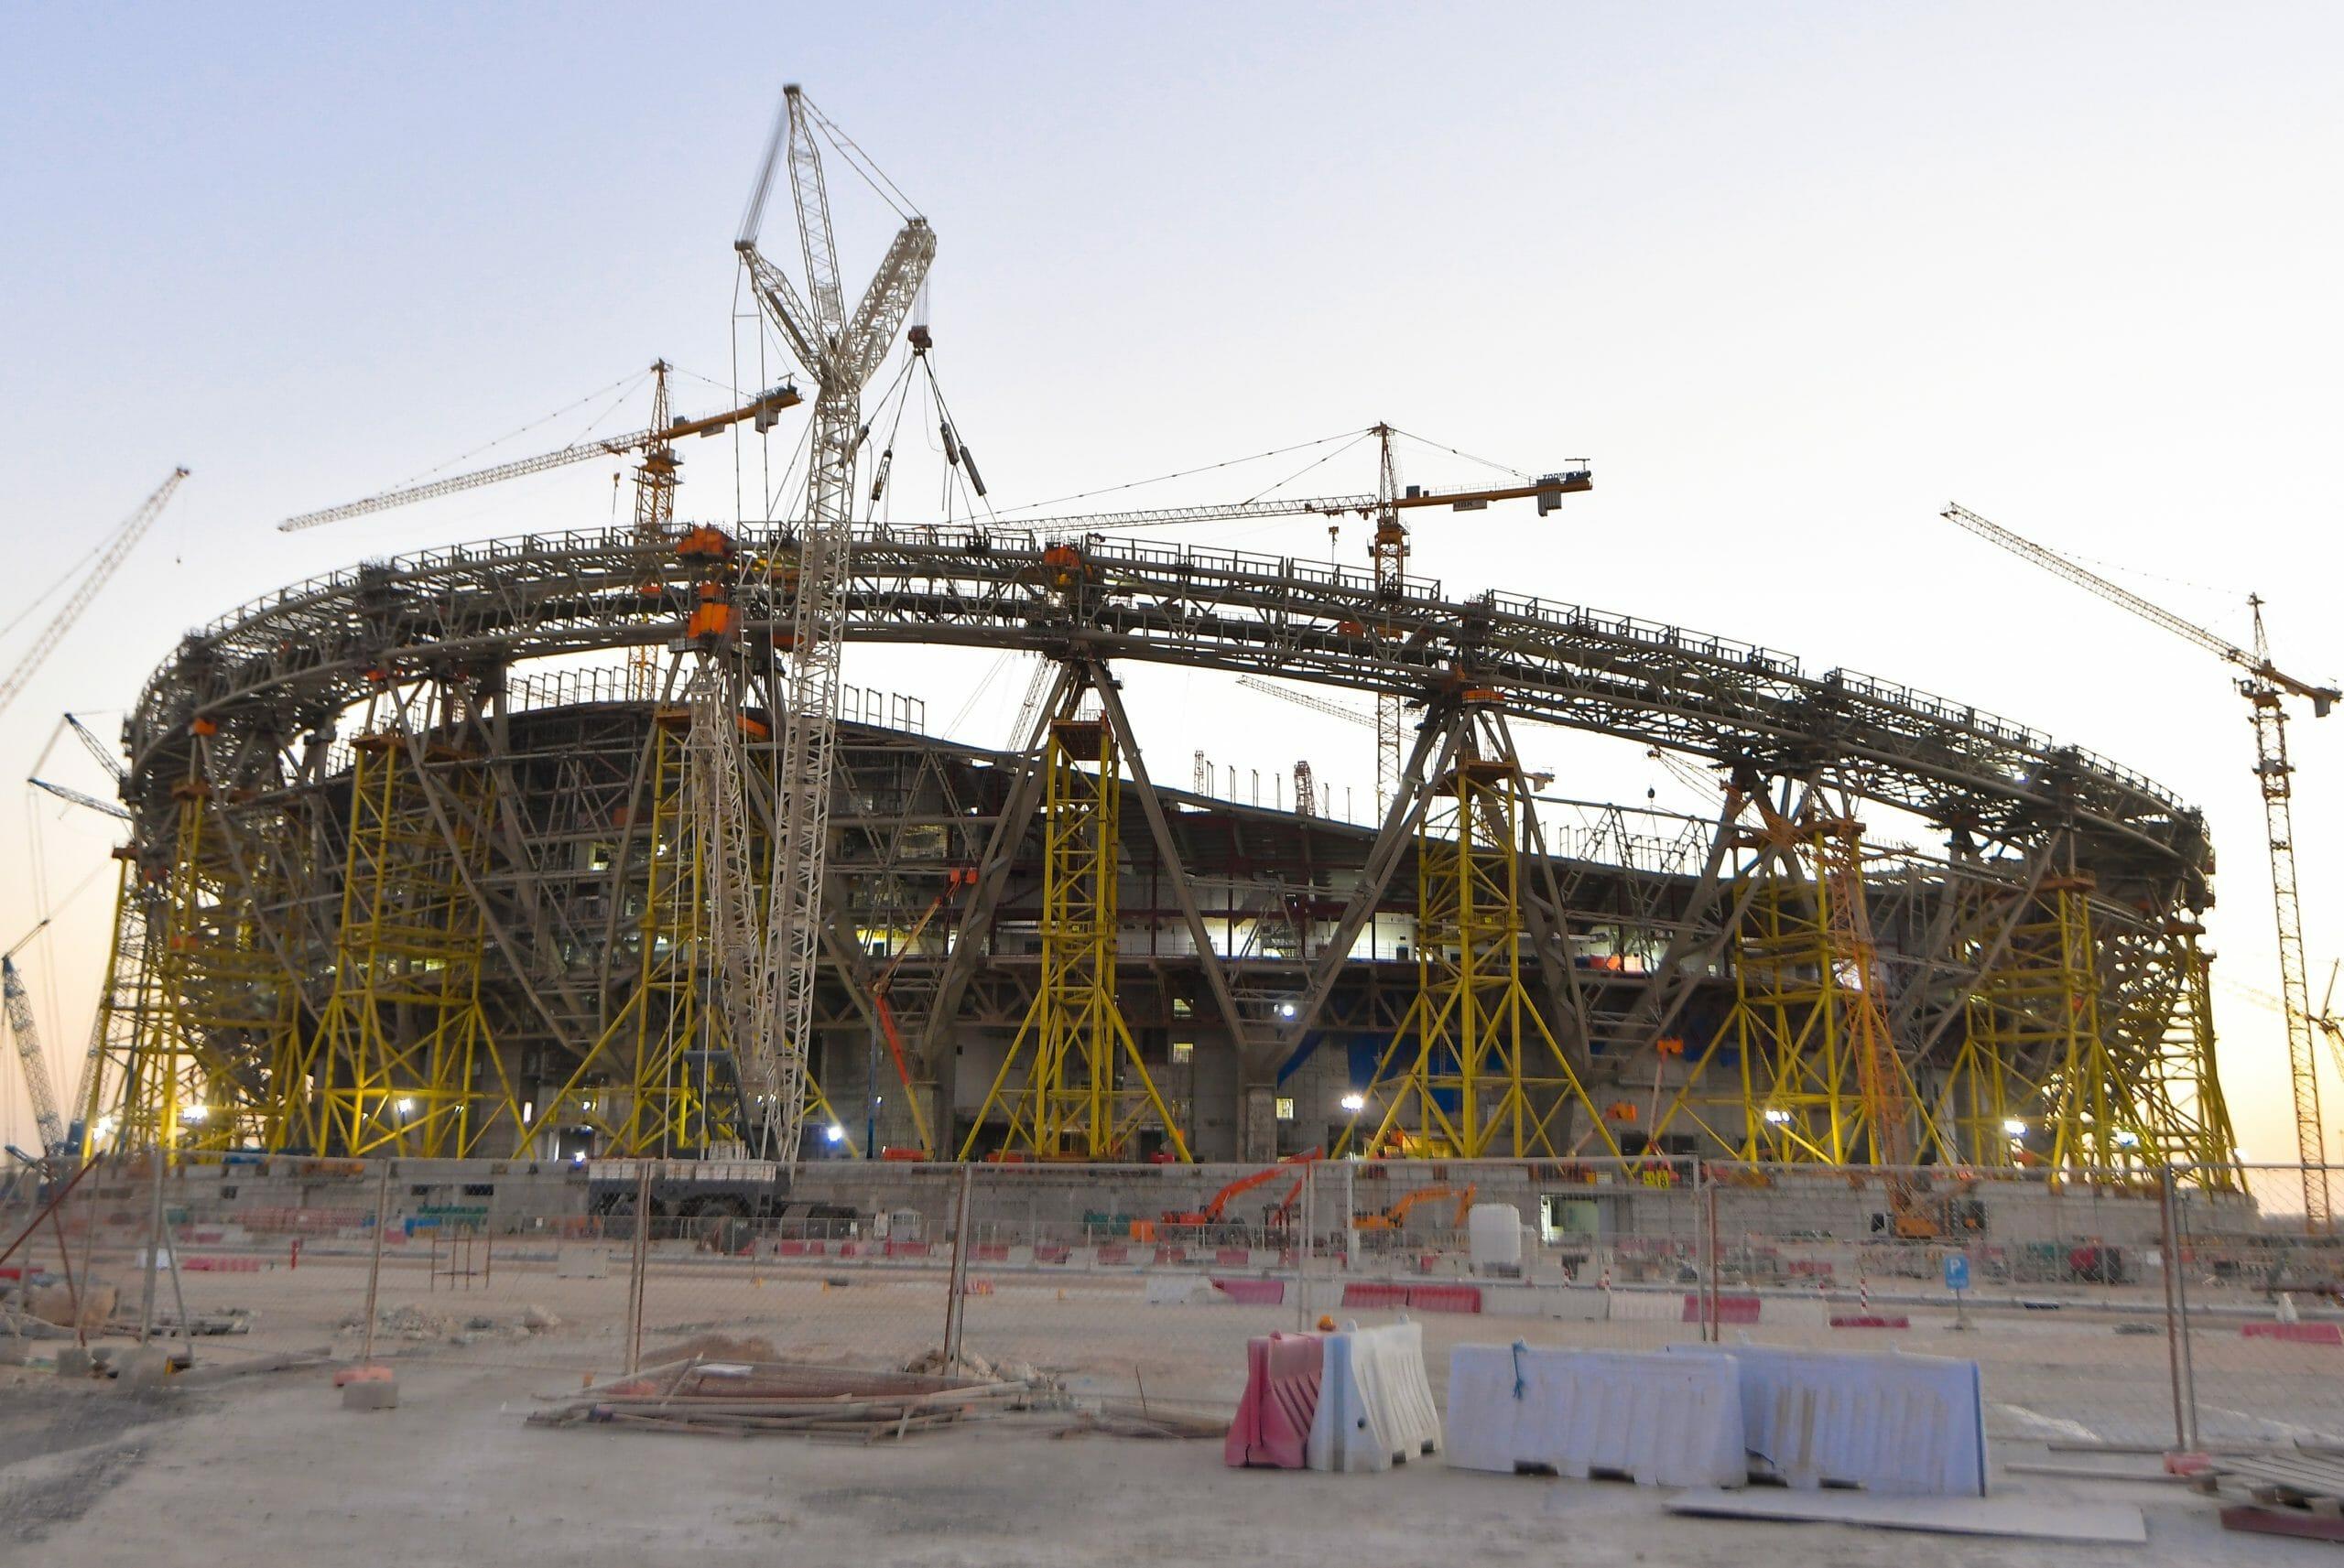 Danskerne til regeringen og kongehuset: Bliv væk fra VM i Qatar